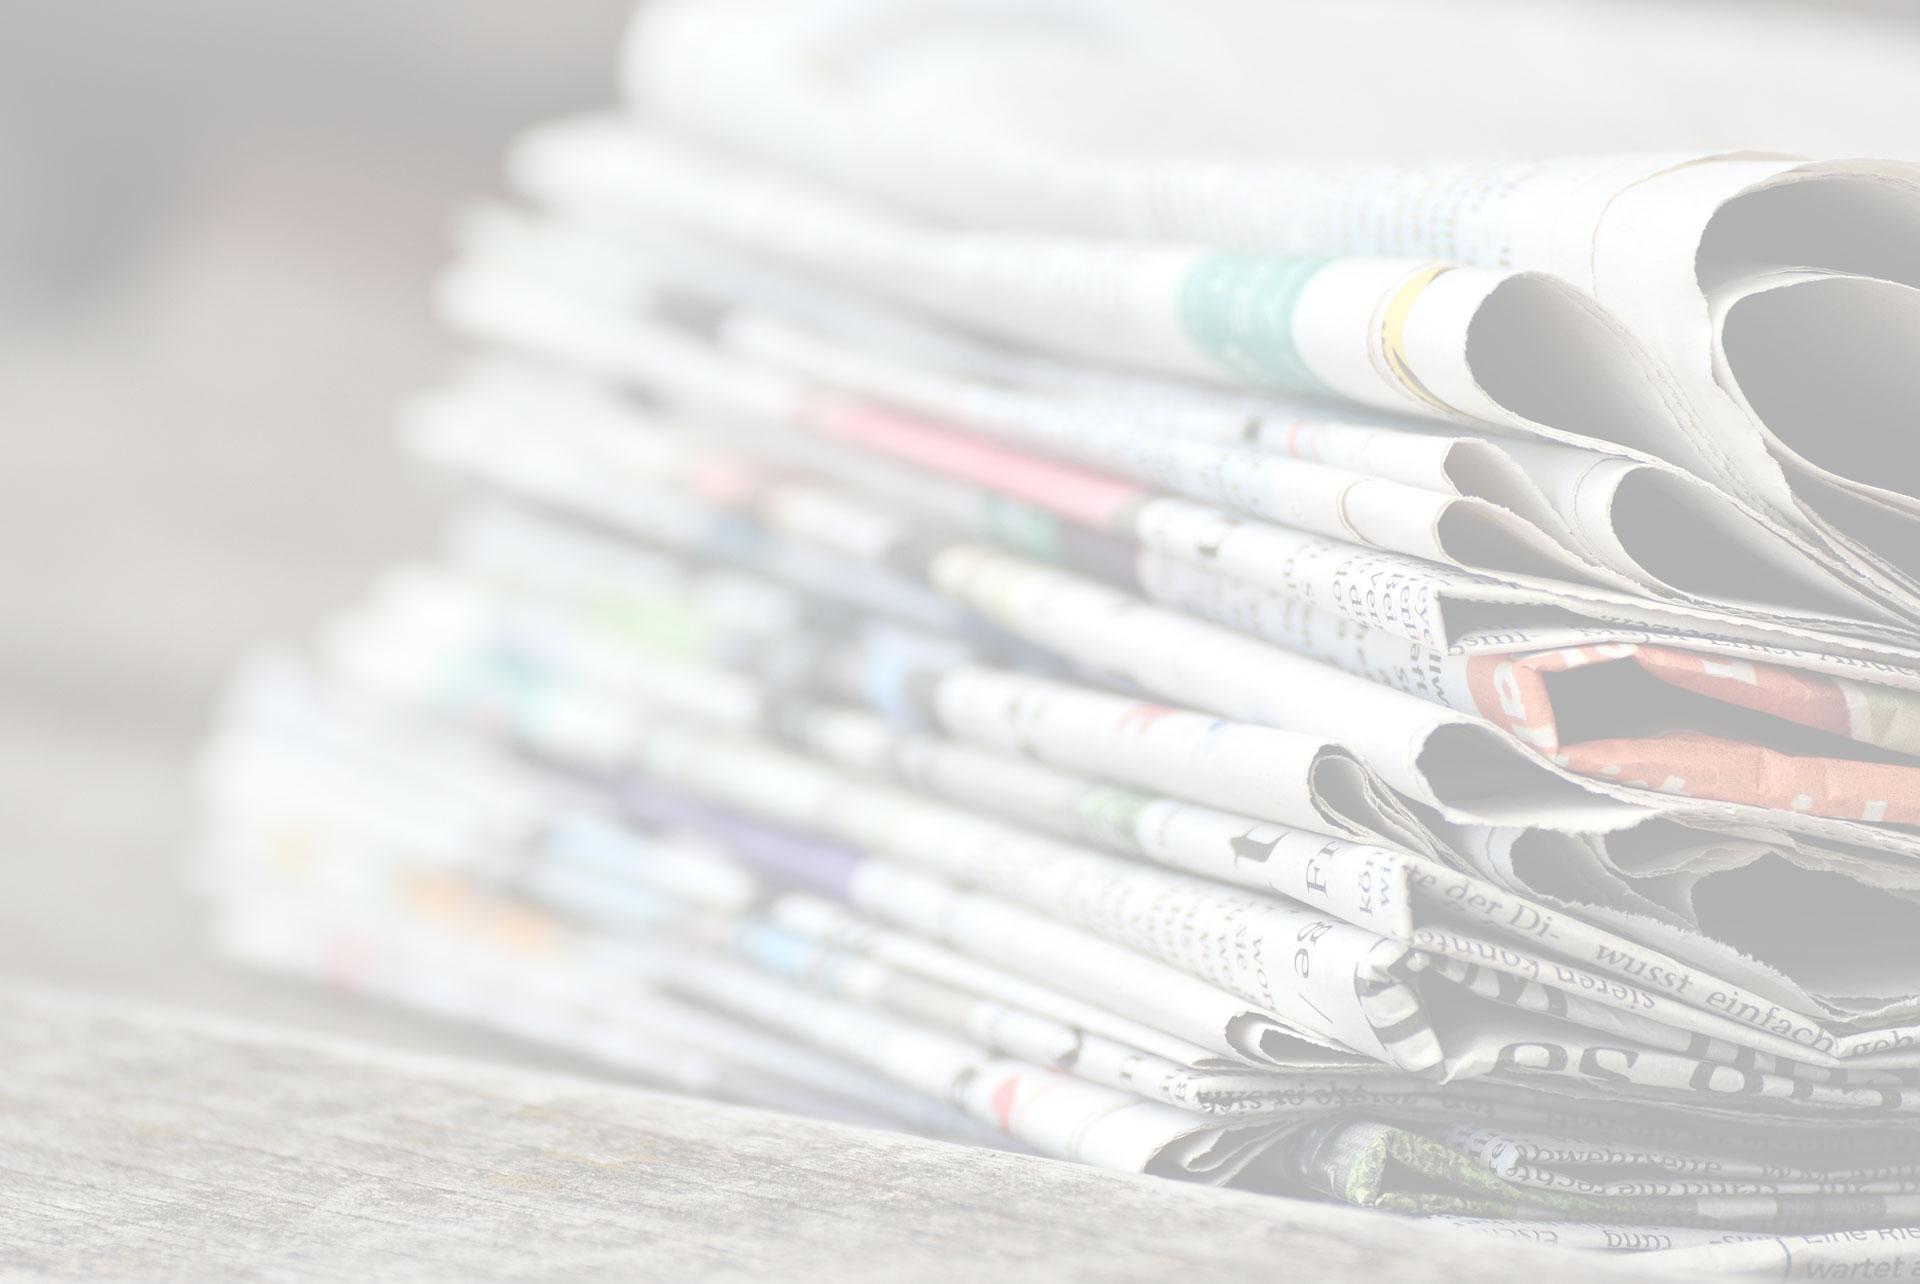 Fattura Elettronica: dal 1 gennaio 2019 cambio di pagamento dell'imposta di bollo